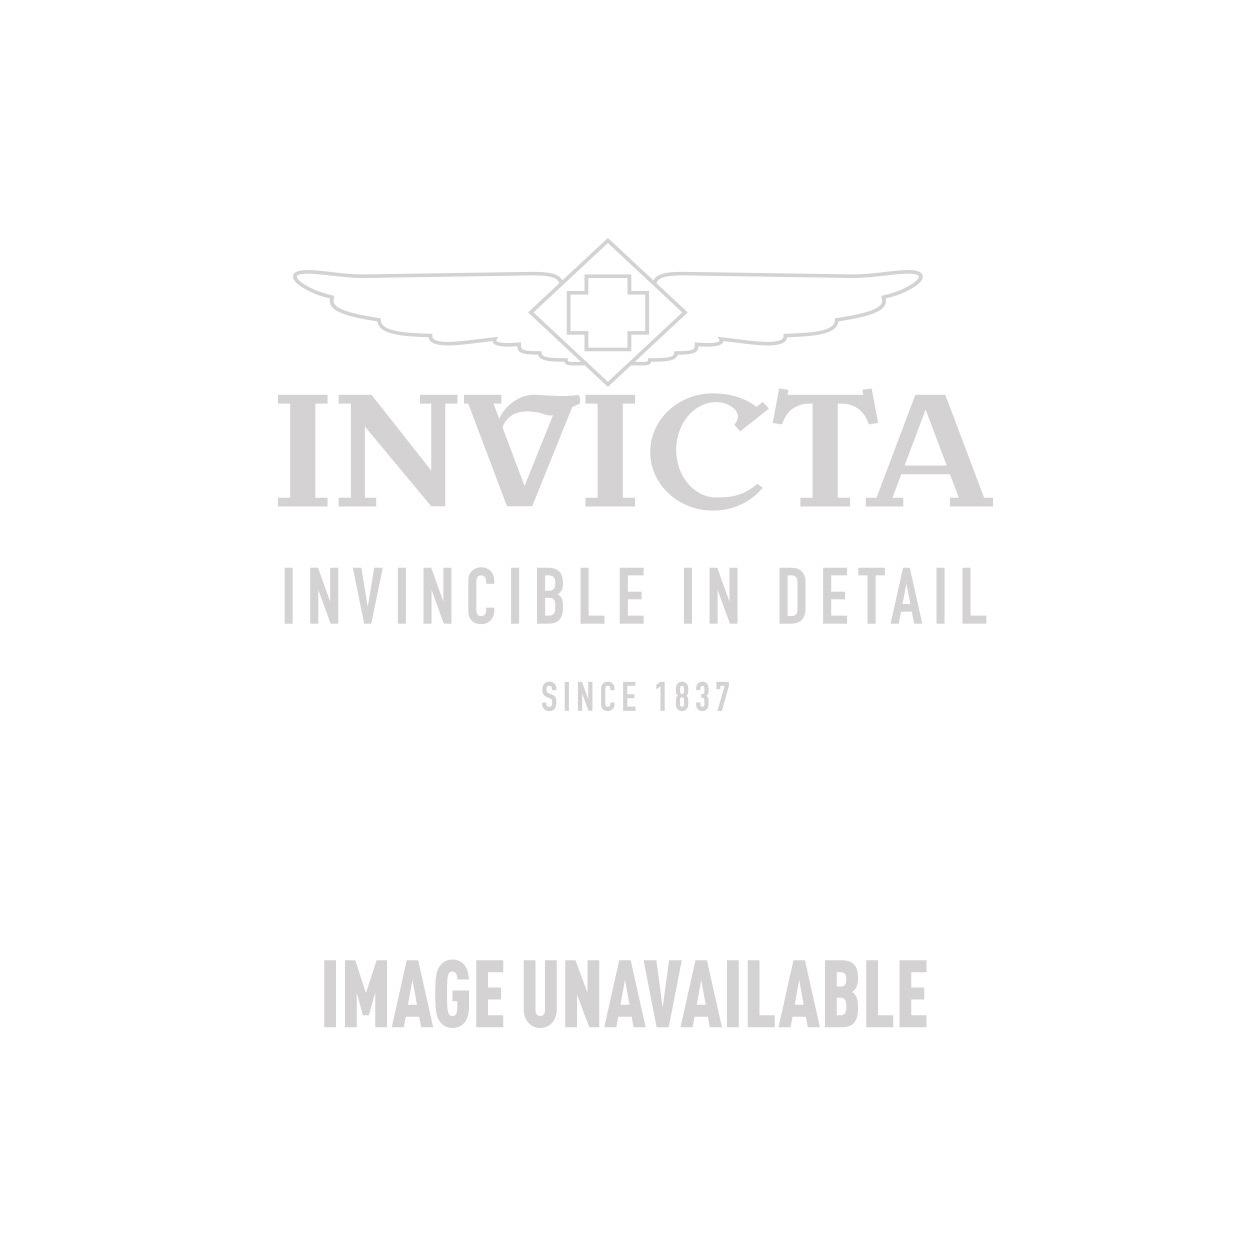 Invicta Model 29060